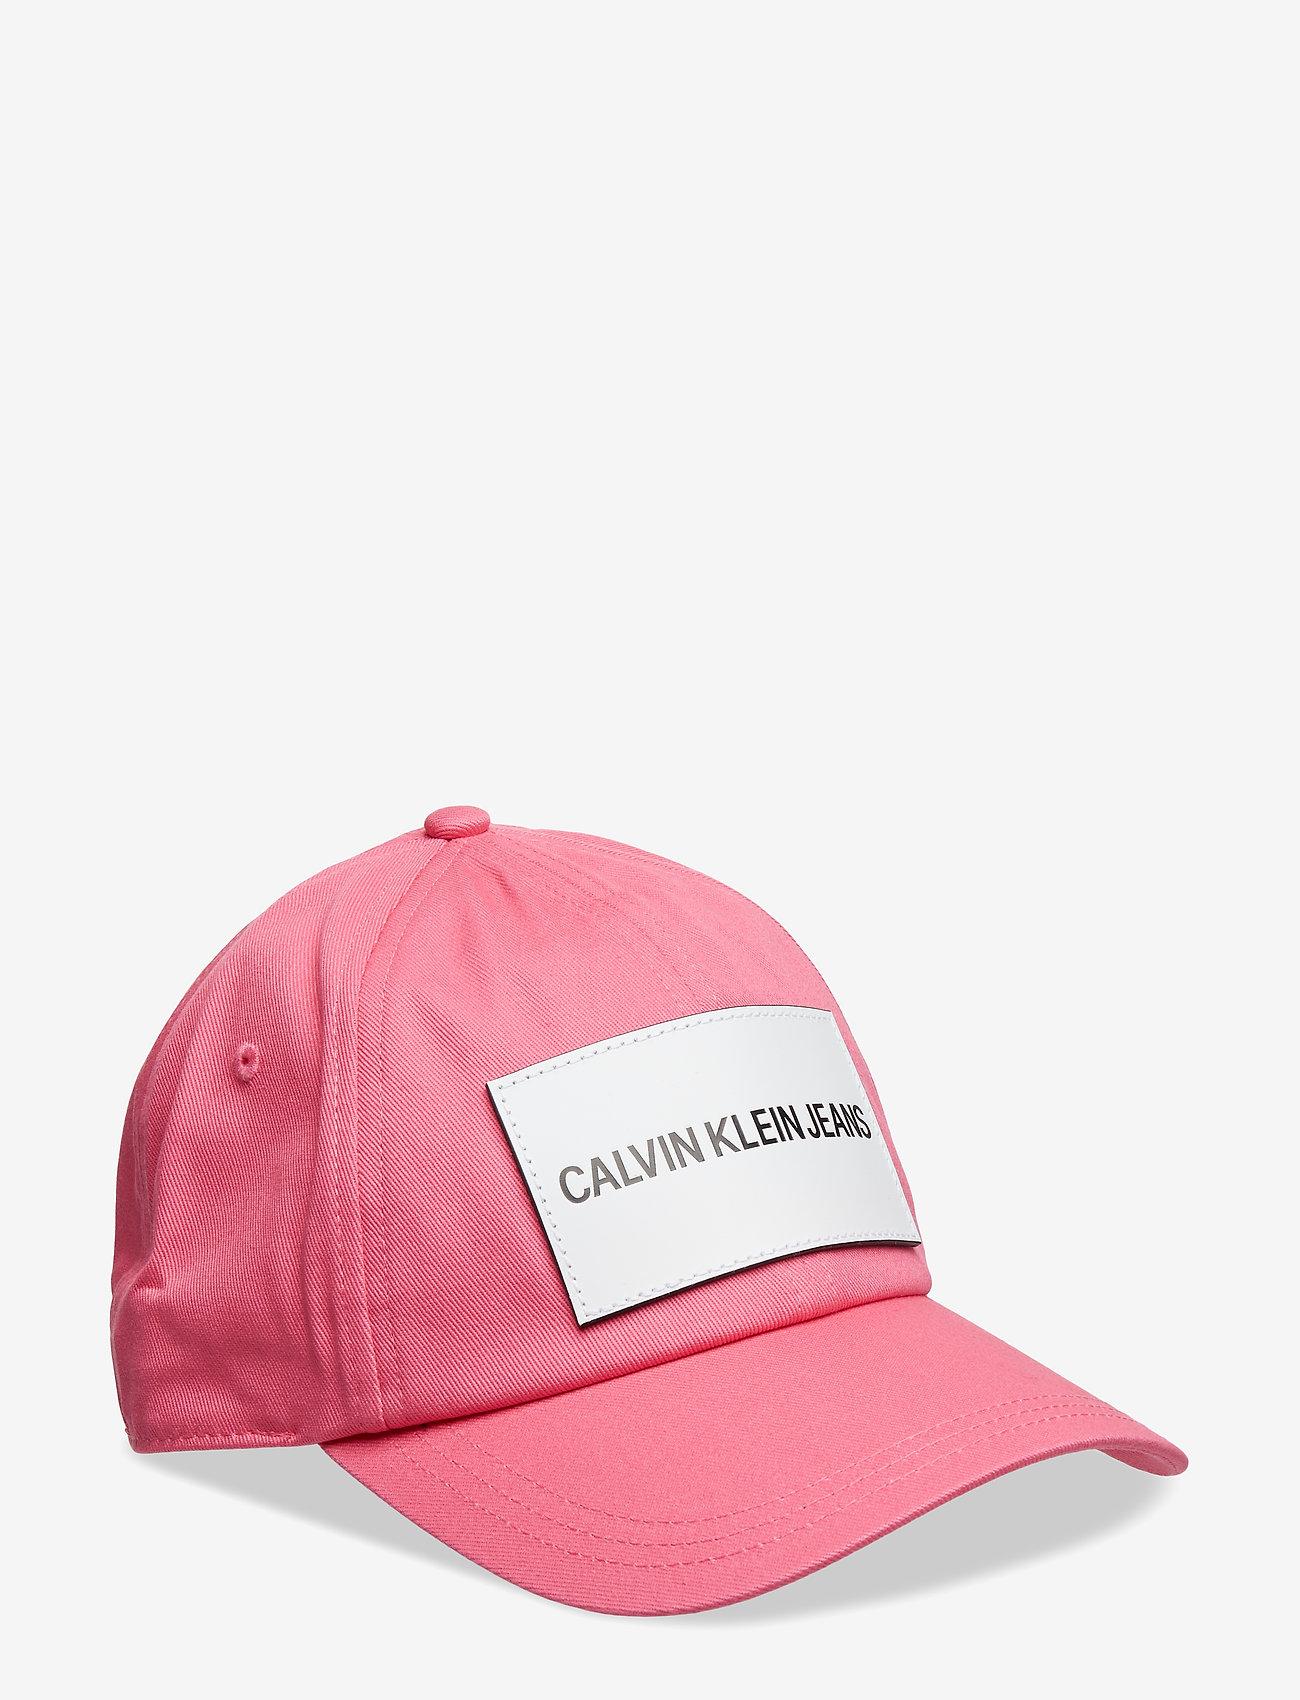 Calvin Klein - J CALVIN KLEIN JEANS - petten - wild orchid - 0